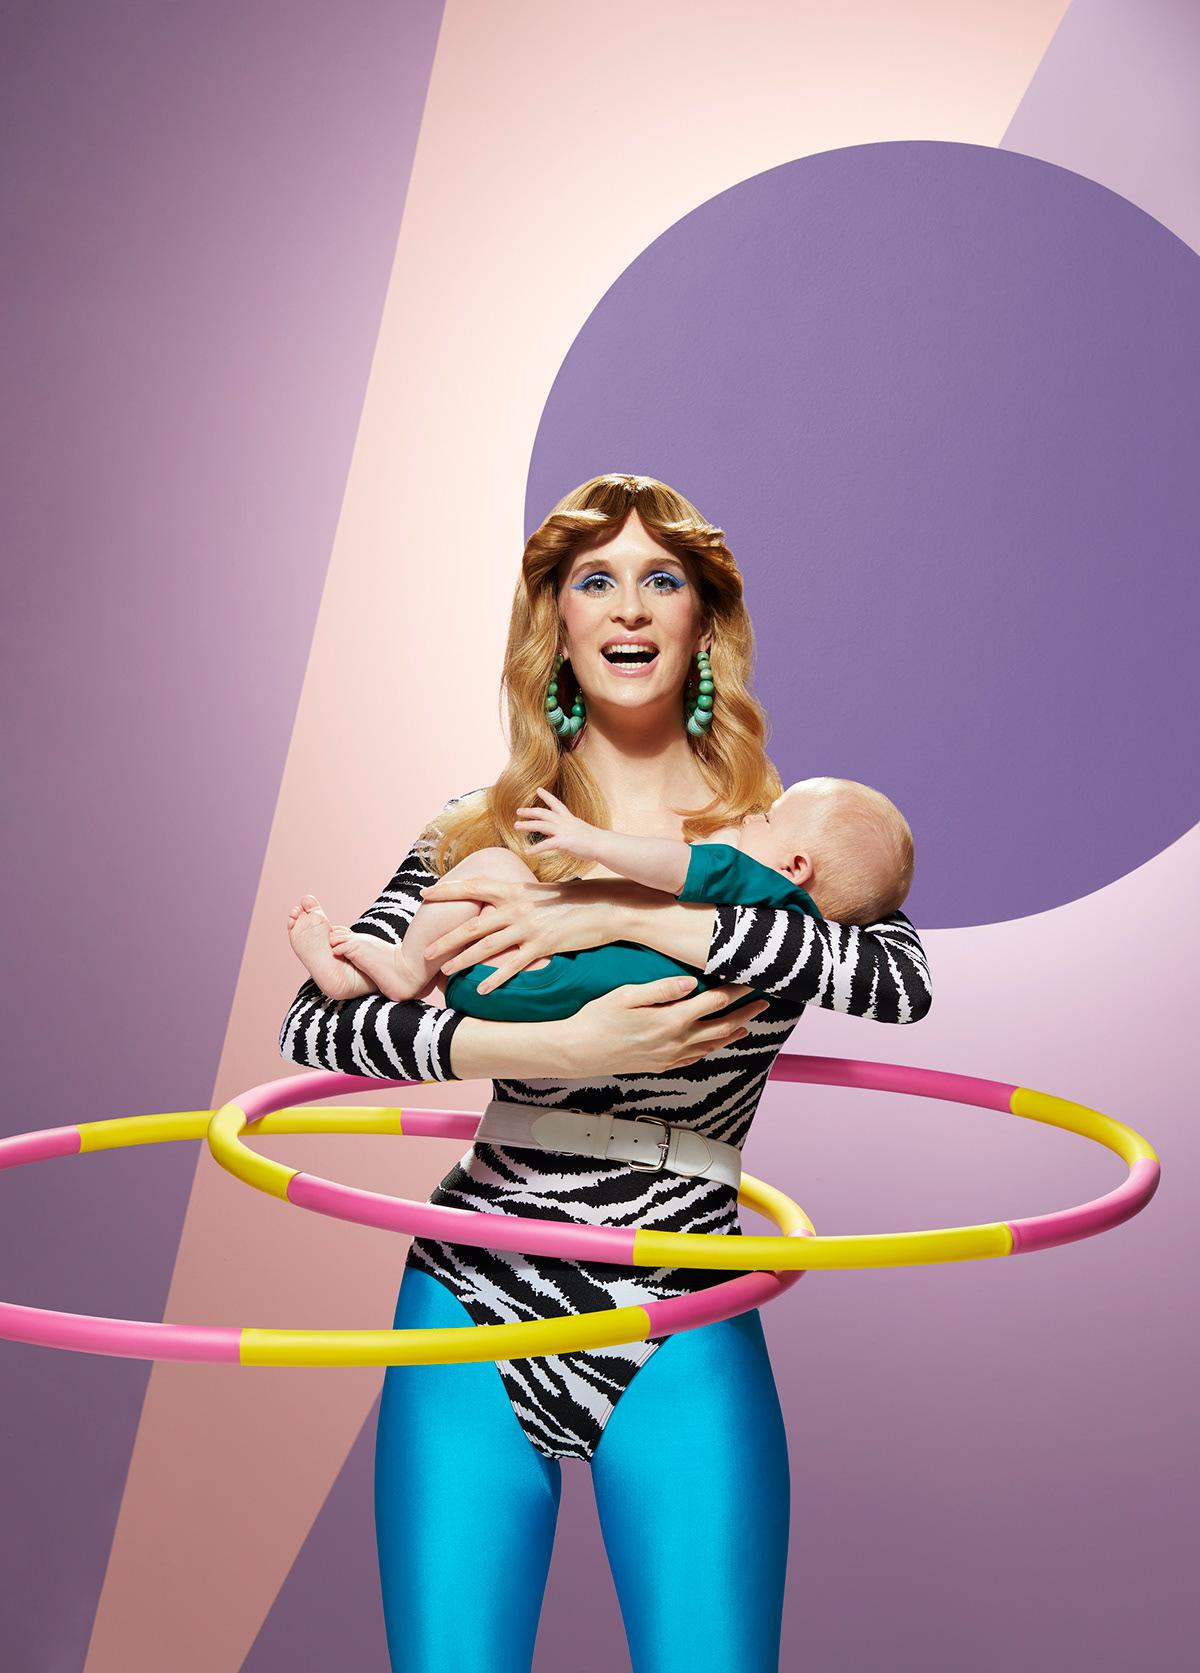 Image may contain: hula-hoop, wall and cartoon